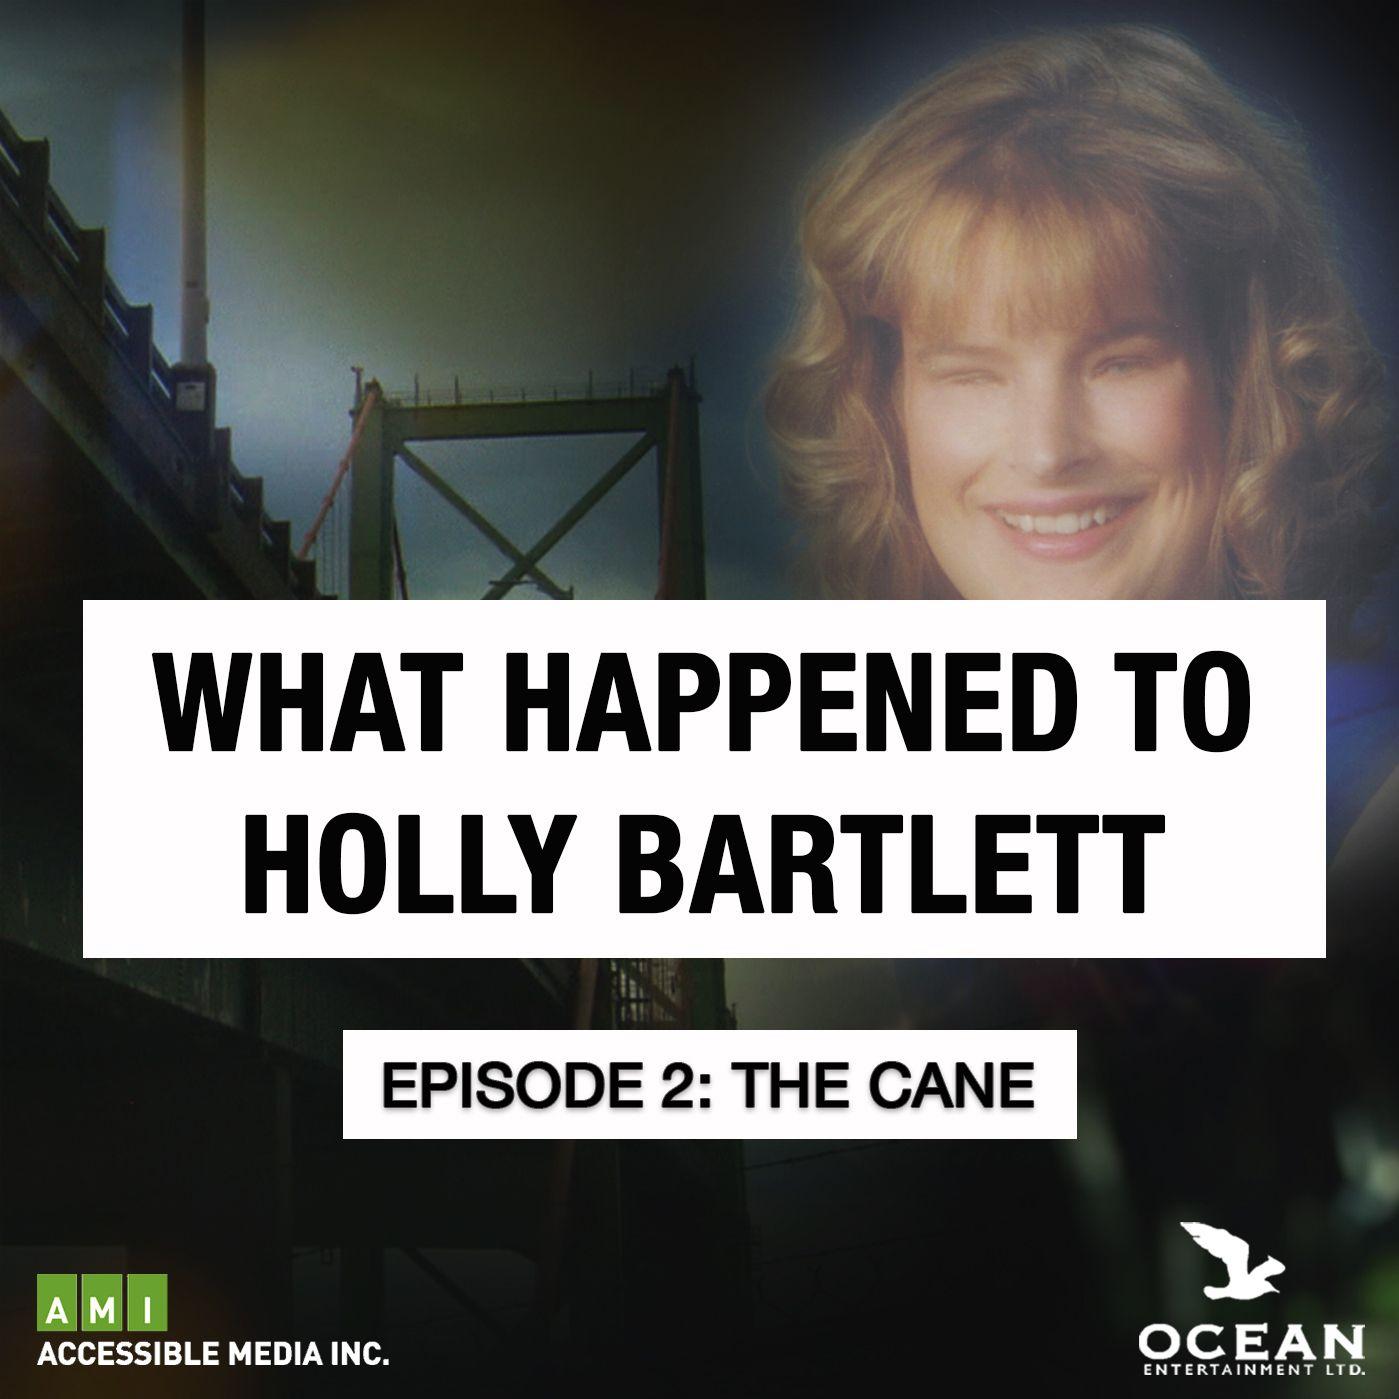 Episode 2: The Cane